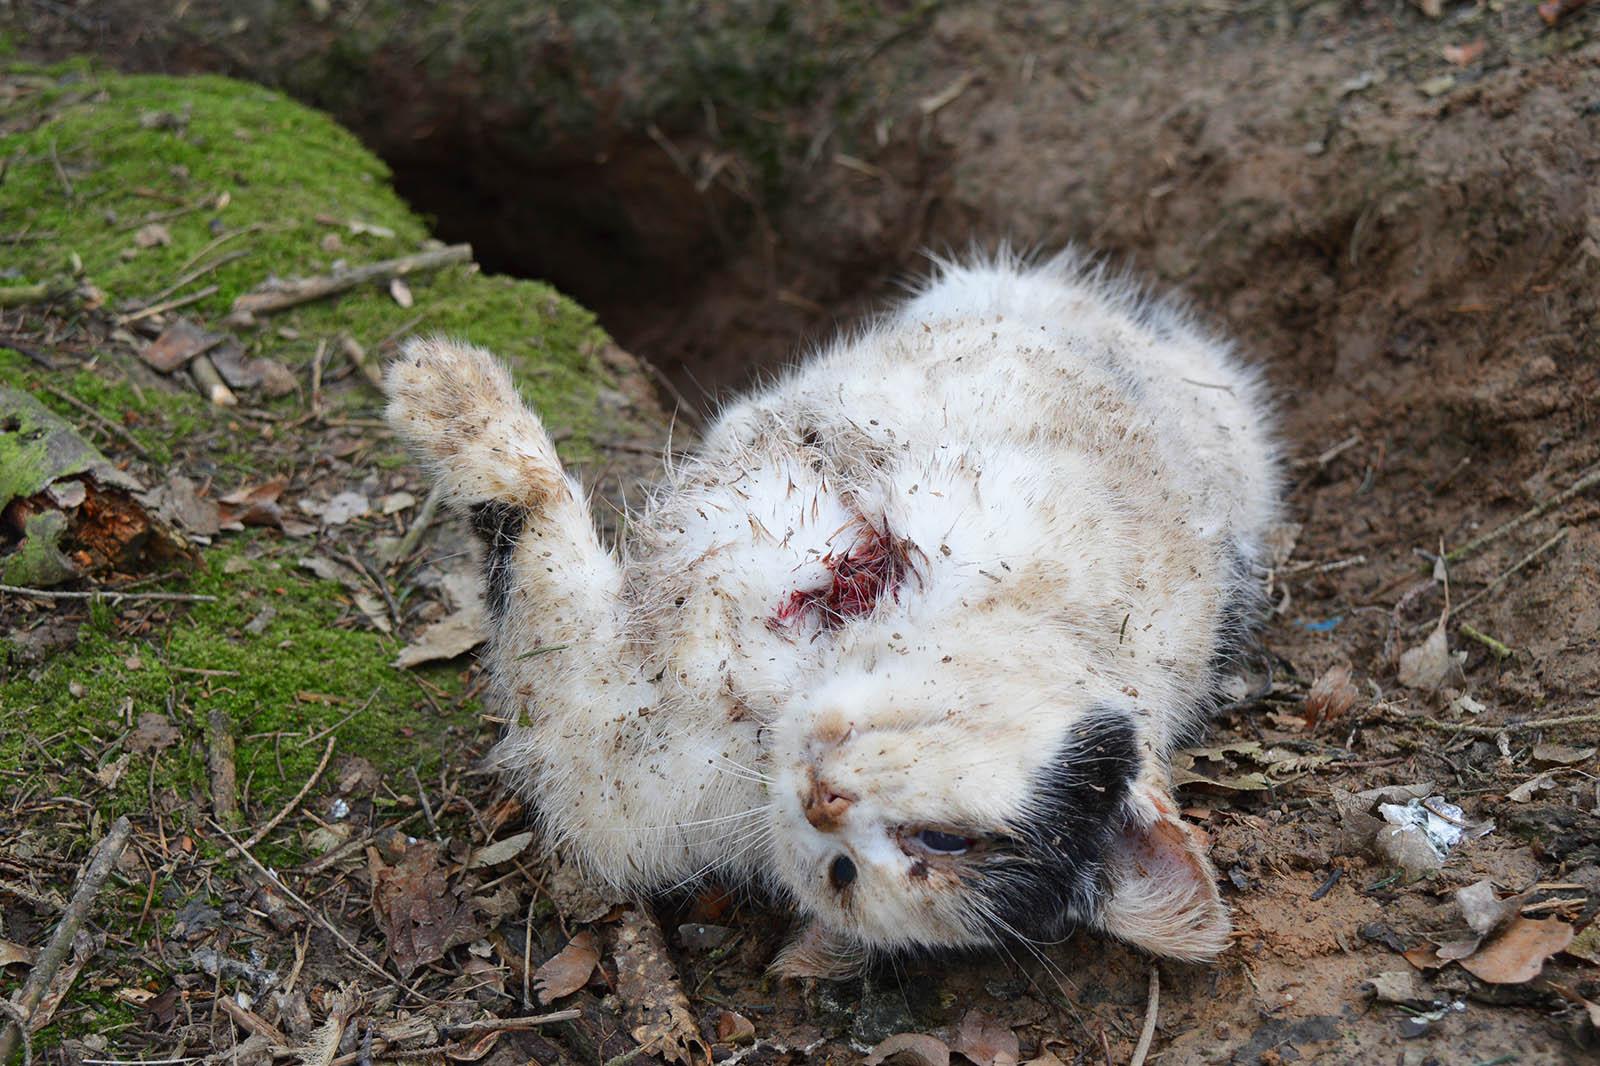 Katzenabschuss durch Jäger – unbegründet und grausam